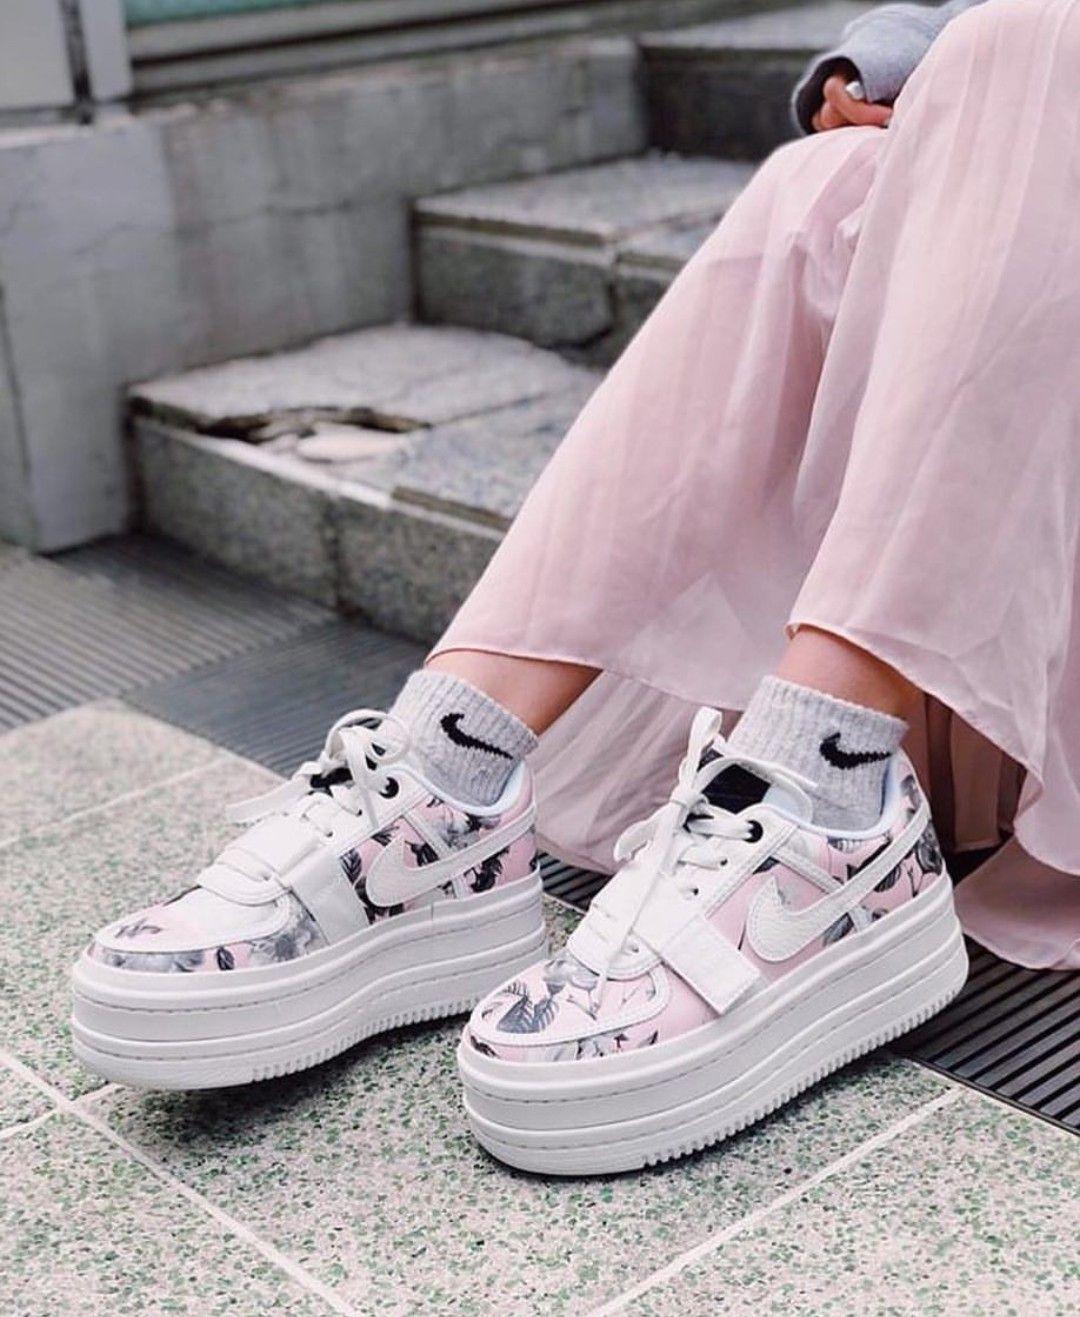 Platform sneakers, Van dal shoes